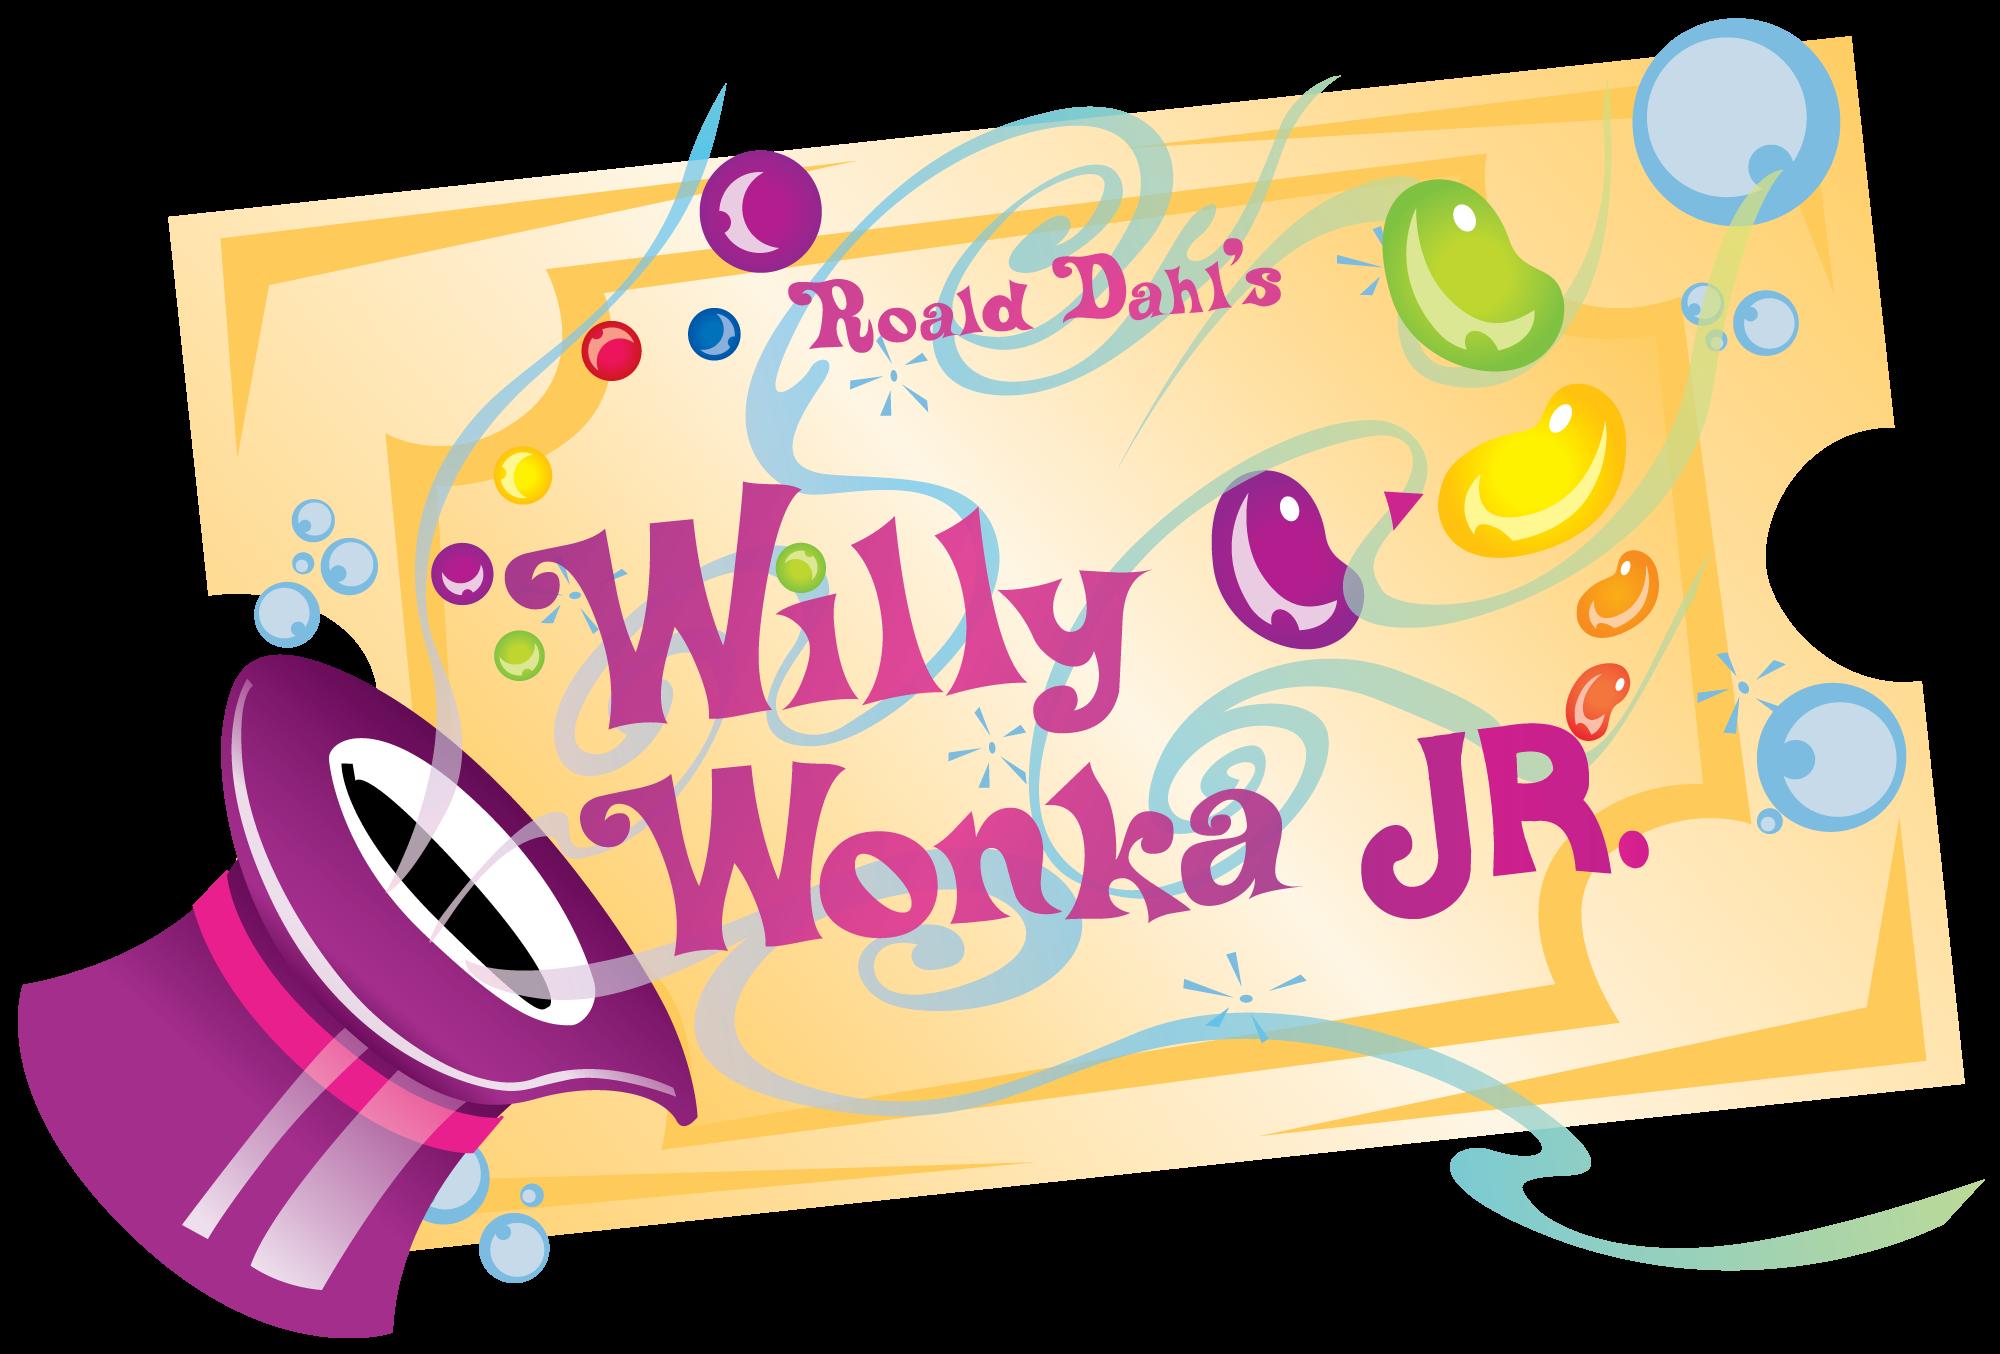 WILLYWONKA-JR_LOGO_TITLE_4C.png